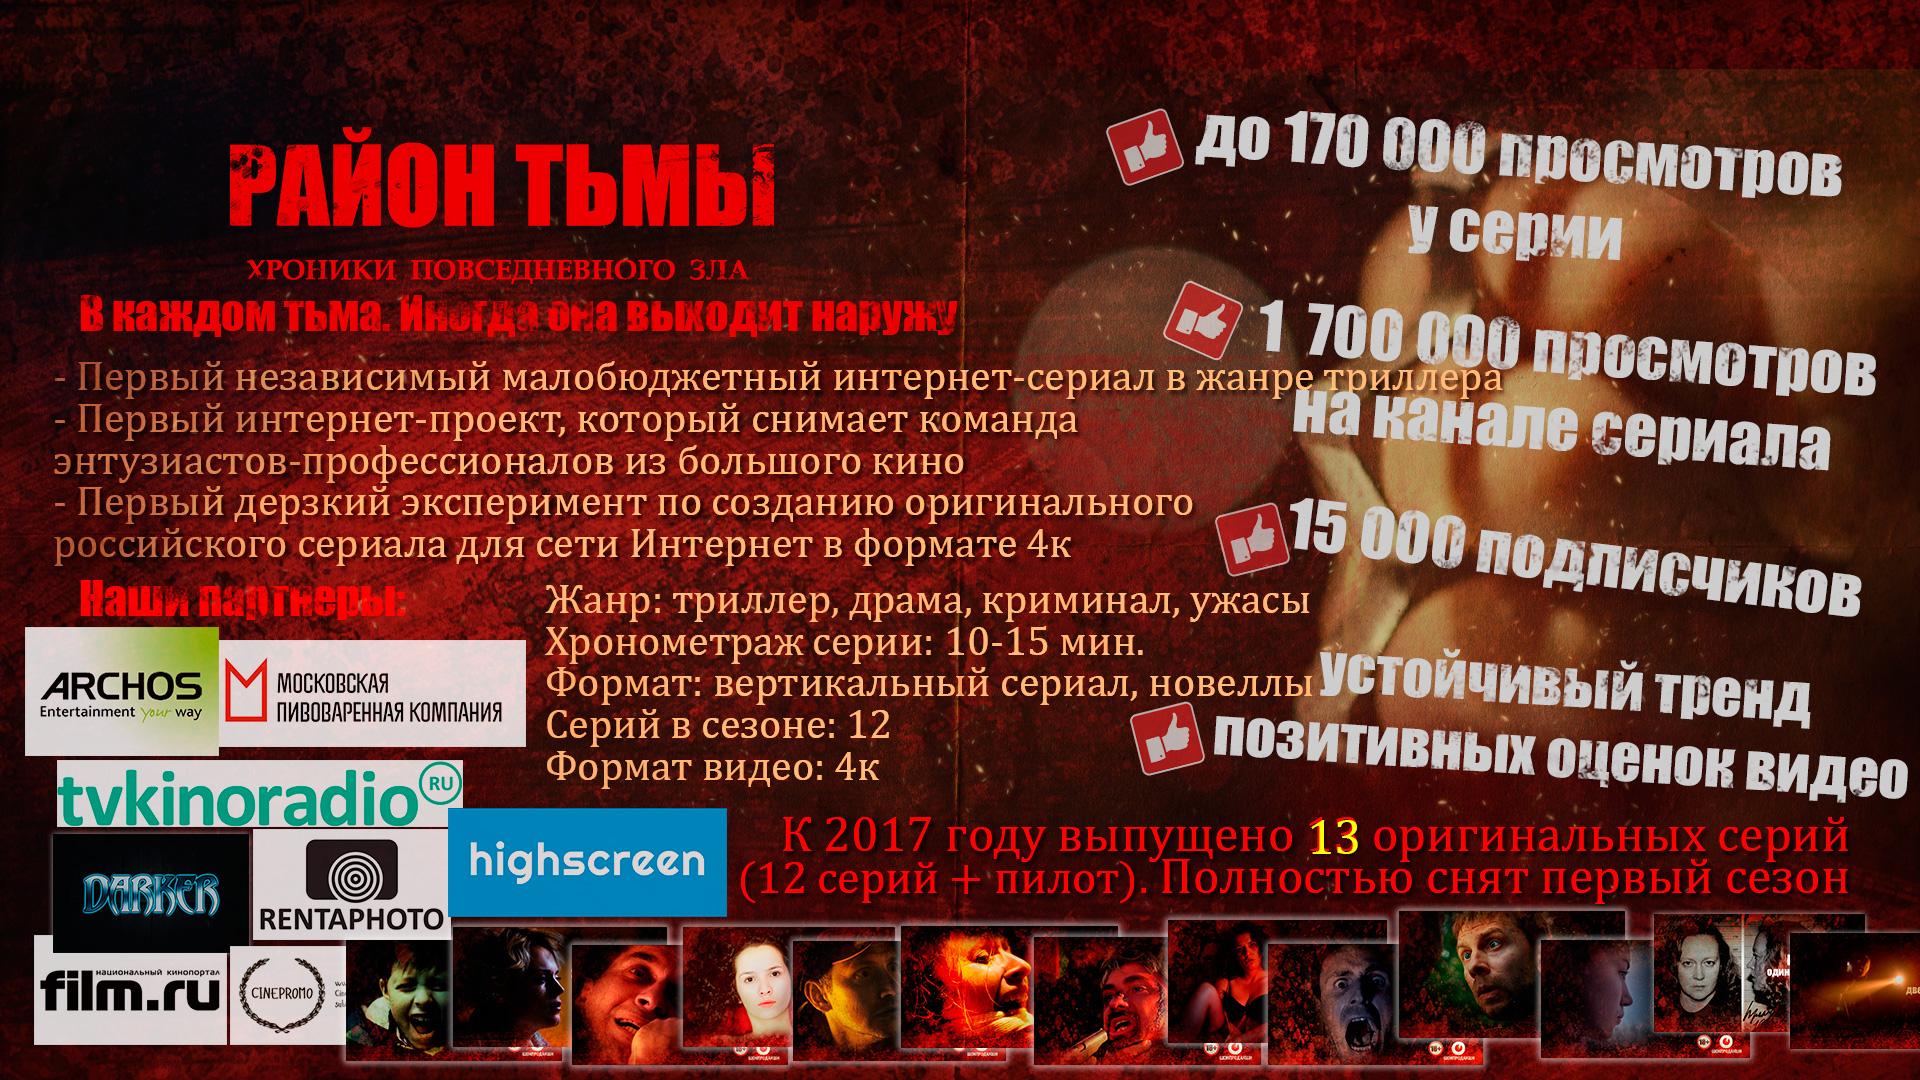 РАЙОН_ТЬМЫ_ПРЕЗЕНТАЦИЯ_1